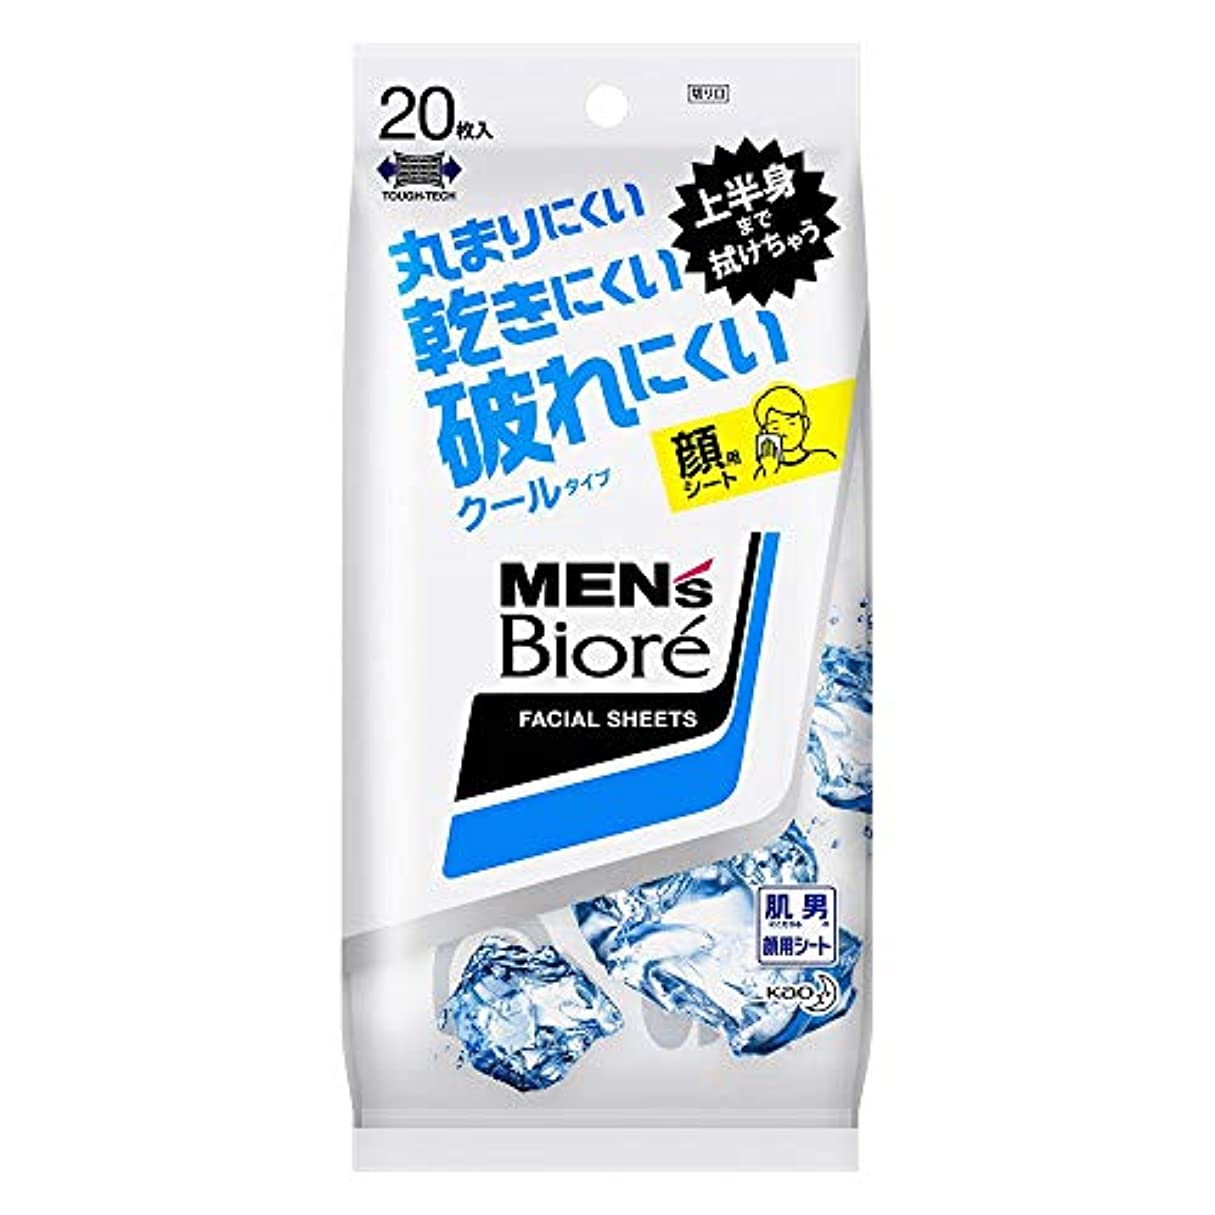 トランスミッション植物の全能花王 メンズビオレ 洗顔シート クール 携帯用 20枚